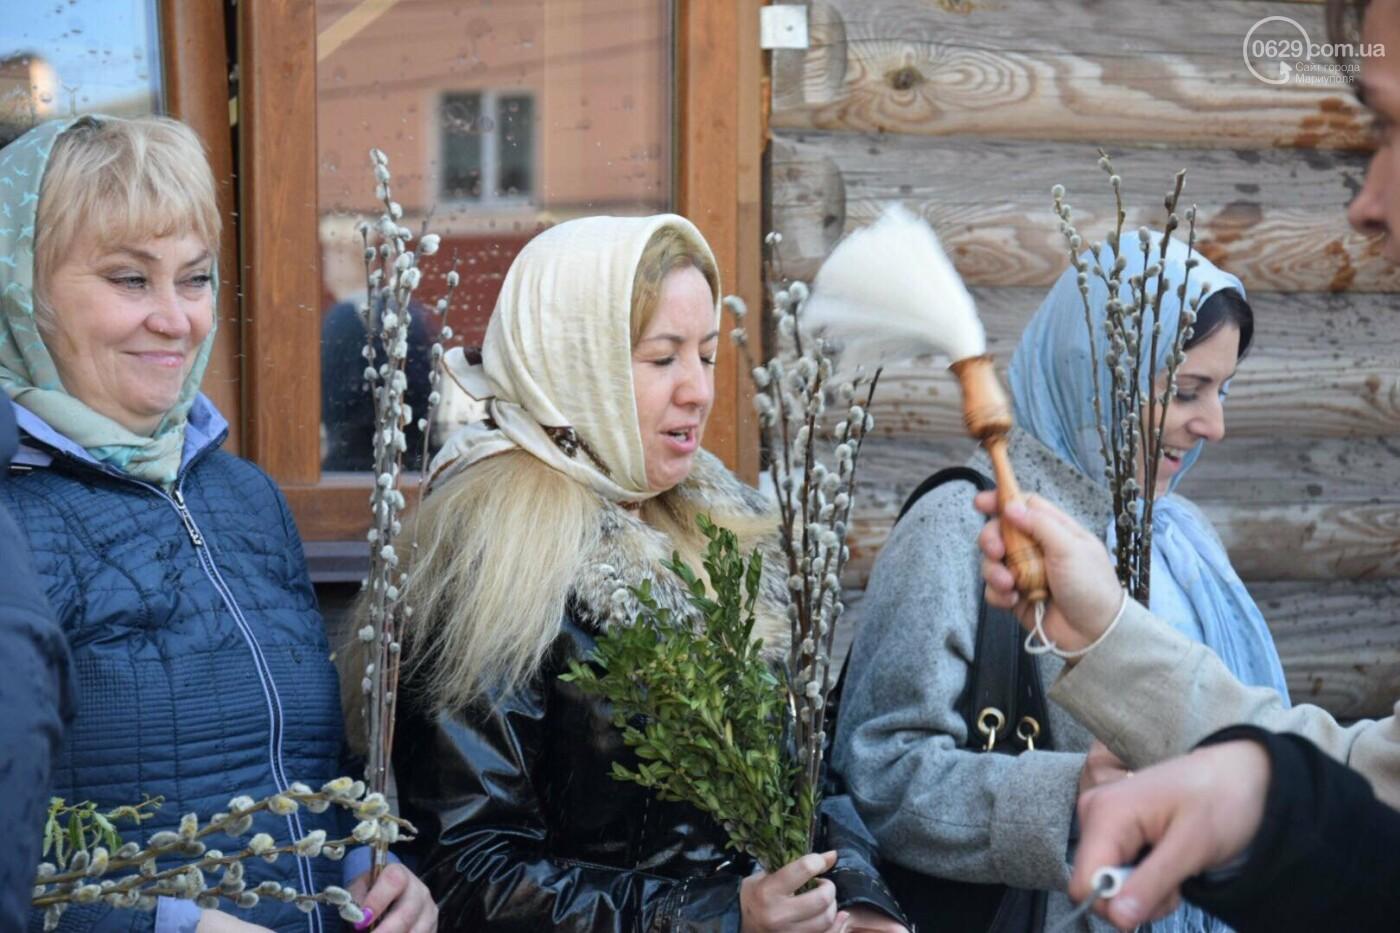 Выборы и верба: как Мариуполь празднует православный праздник, - ФОТОРЕПОРТАЖ, фото-25